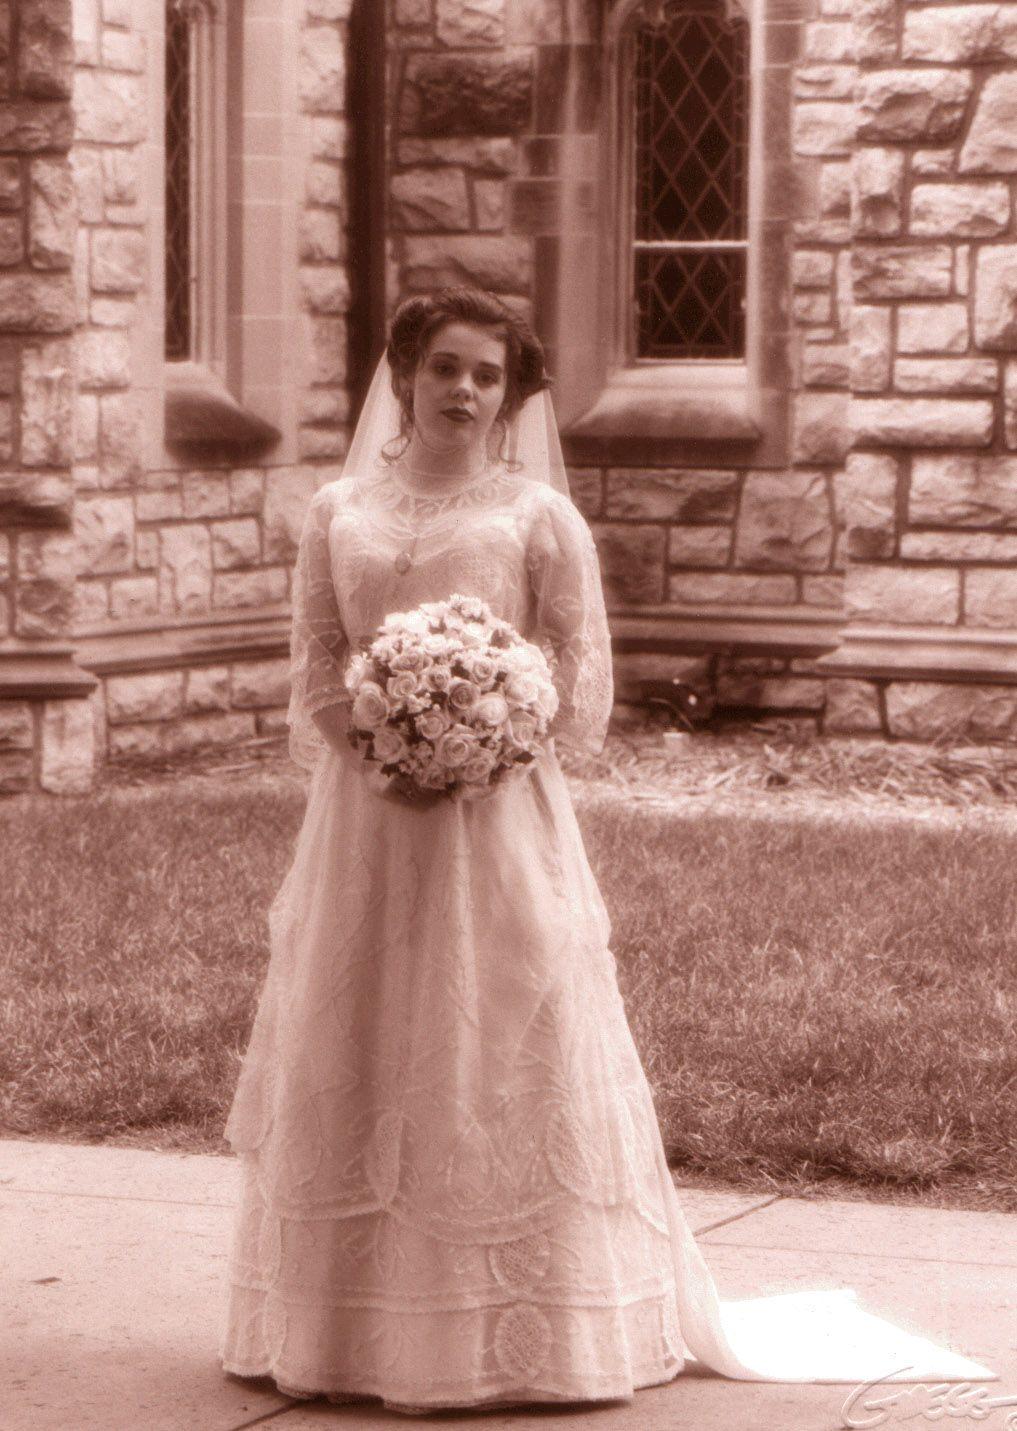 1904 Wedding Gown | Vestidos de novia antiguos, Bodas vintage y Couture